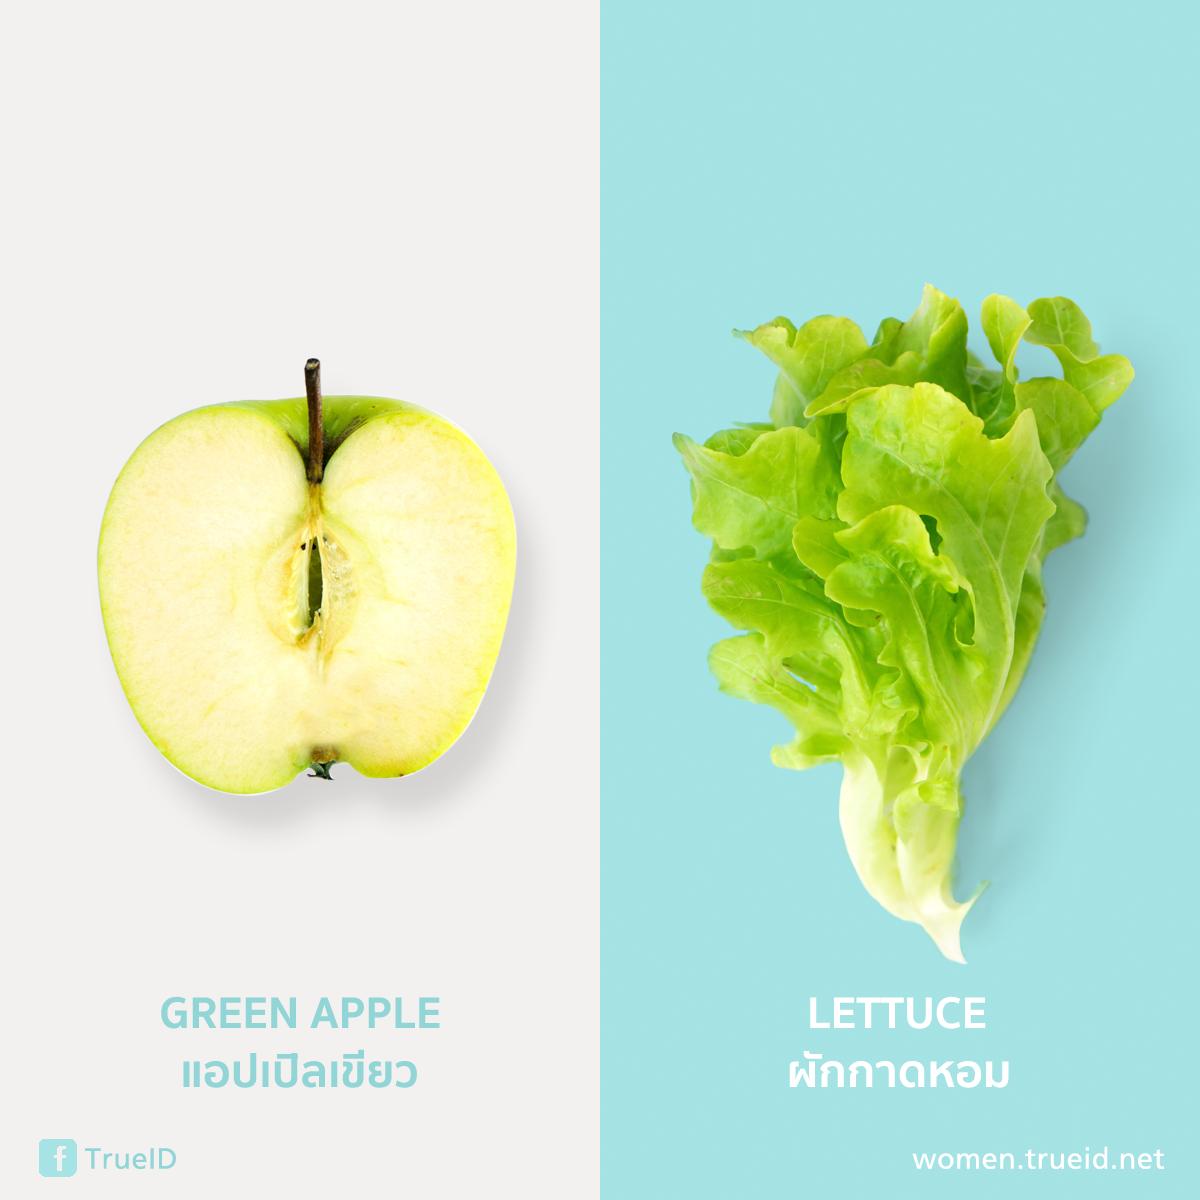 10 สูตรน้ำผัก-ผลไม้ปั่น ลดพุง ทำง่ายๆ ส่วนผสมไม่เกิน 3 อย่าง!